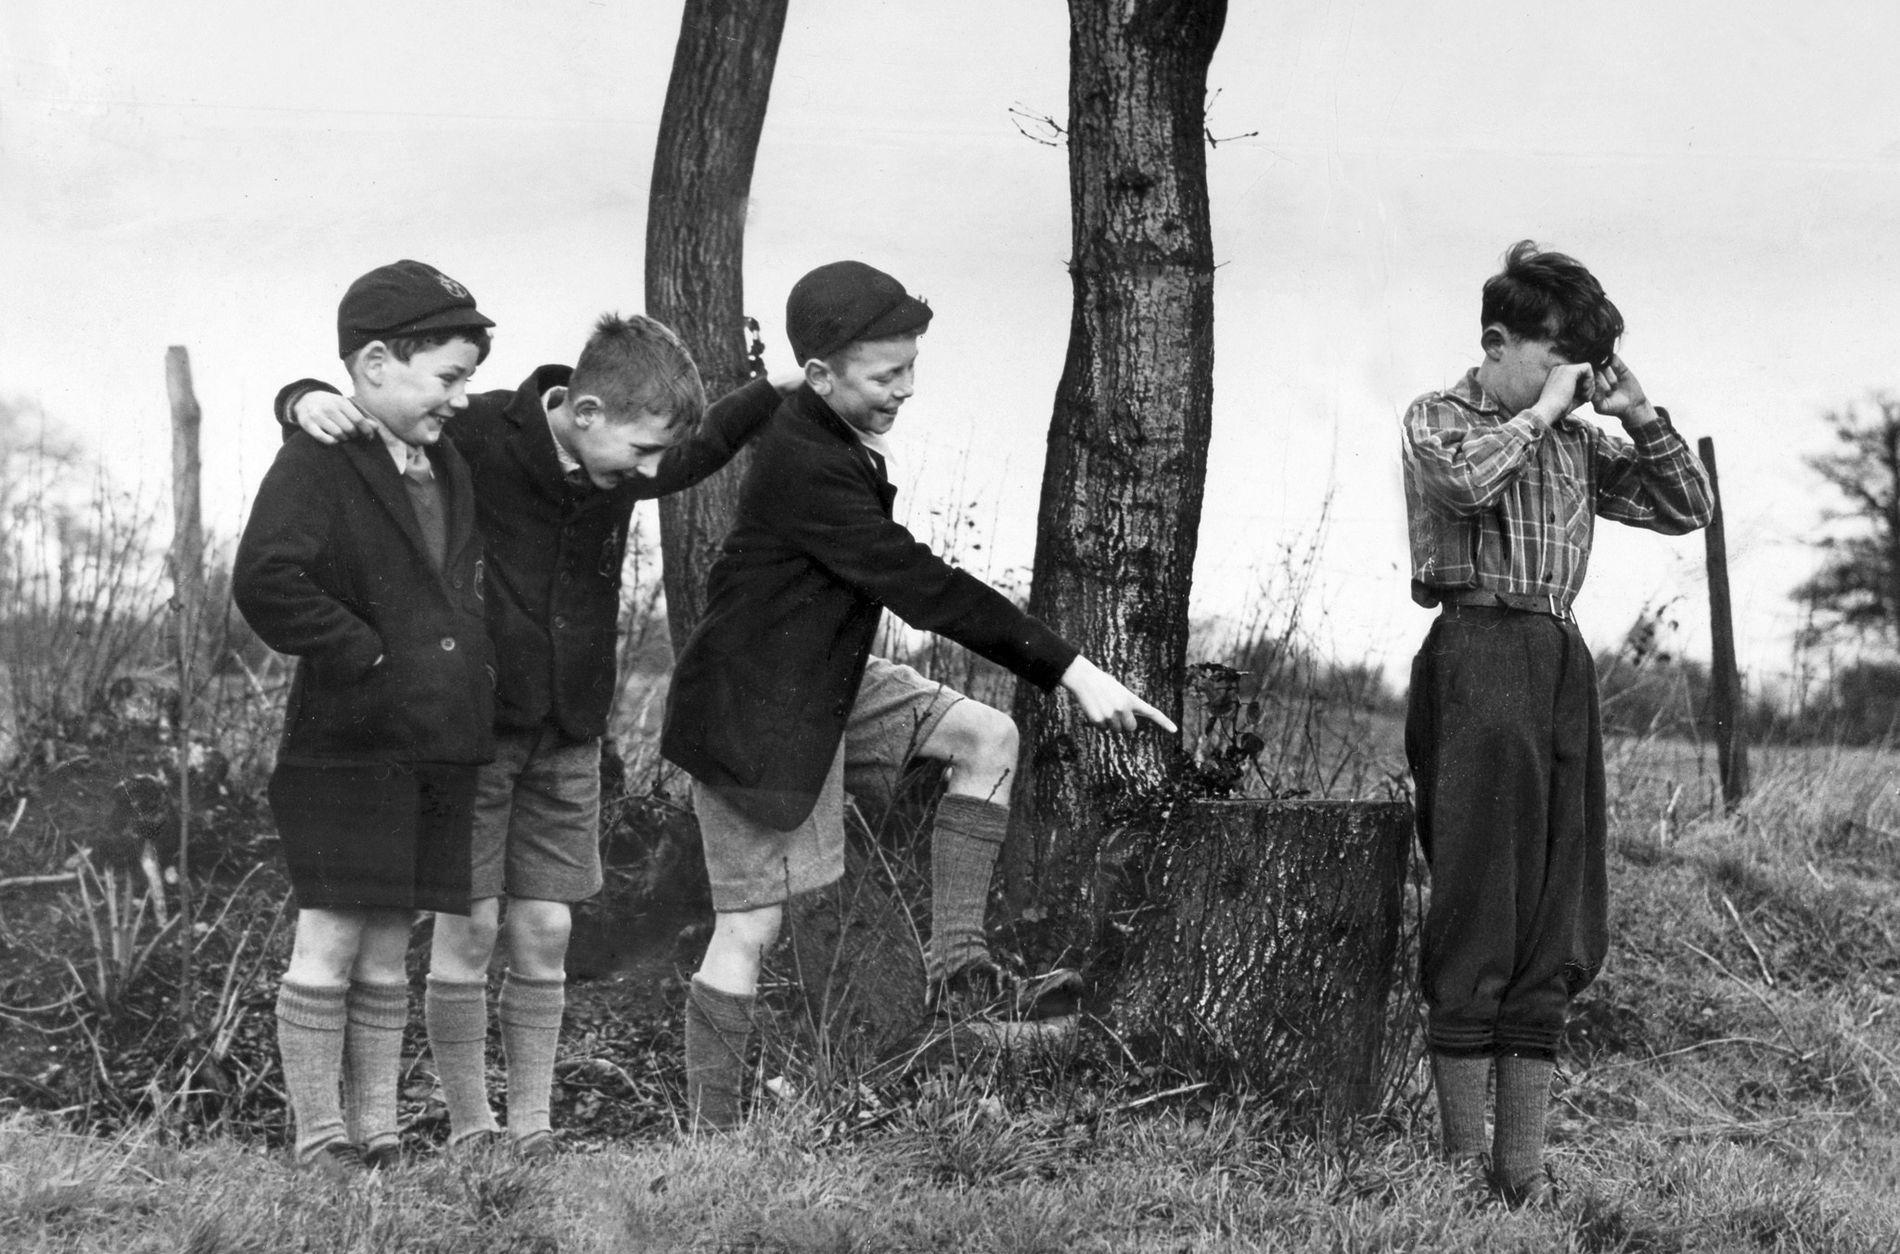 In diesem Foto aus den 1940ern machen sich drei Jungen über die Kleidung eines vierten Jungen ...